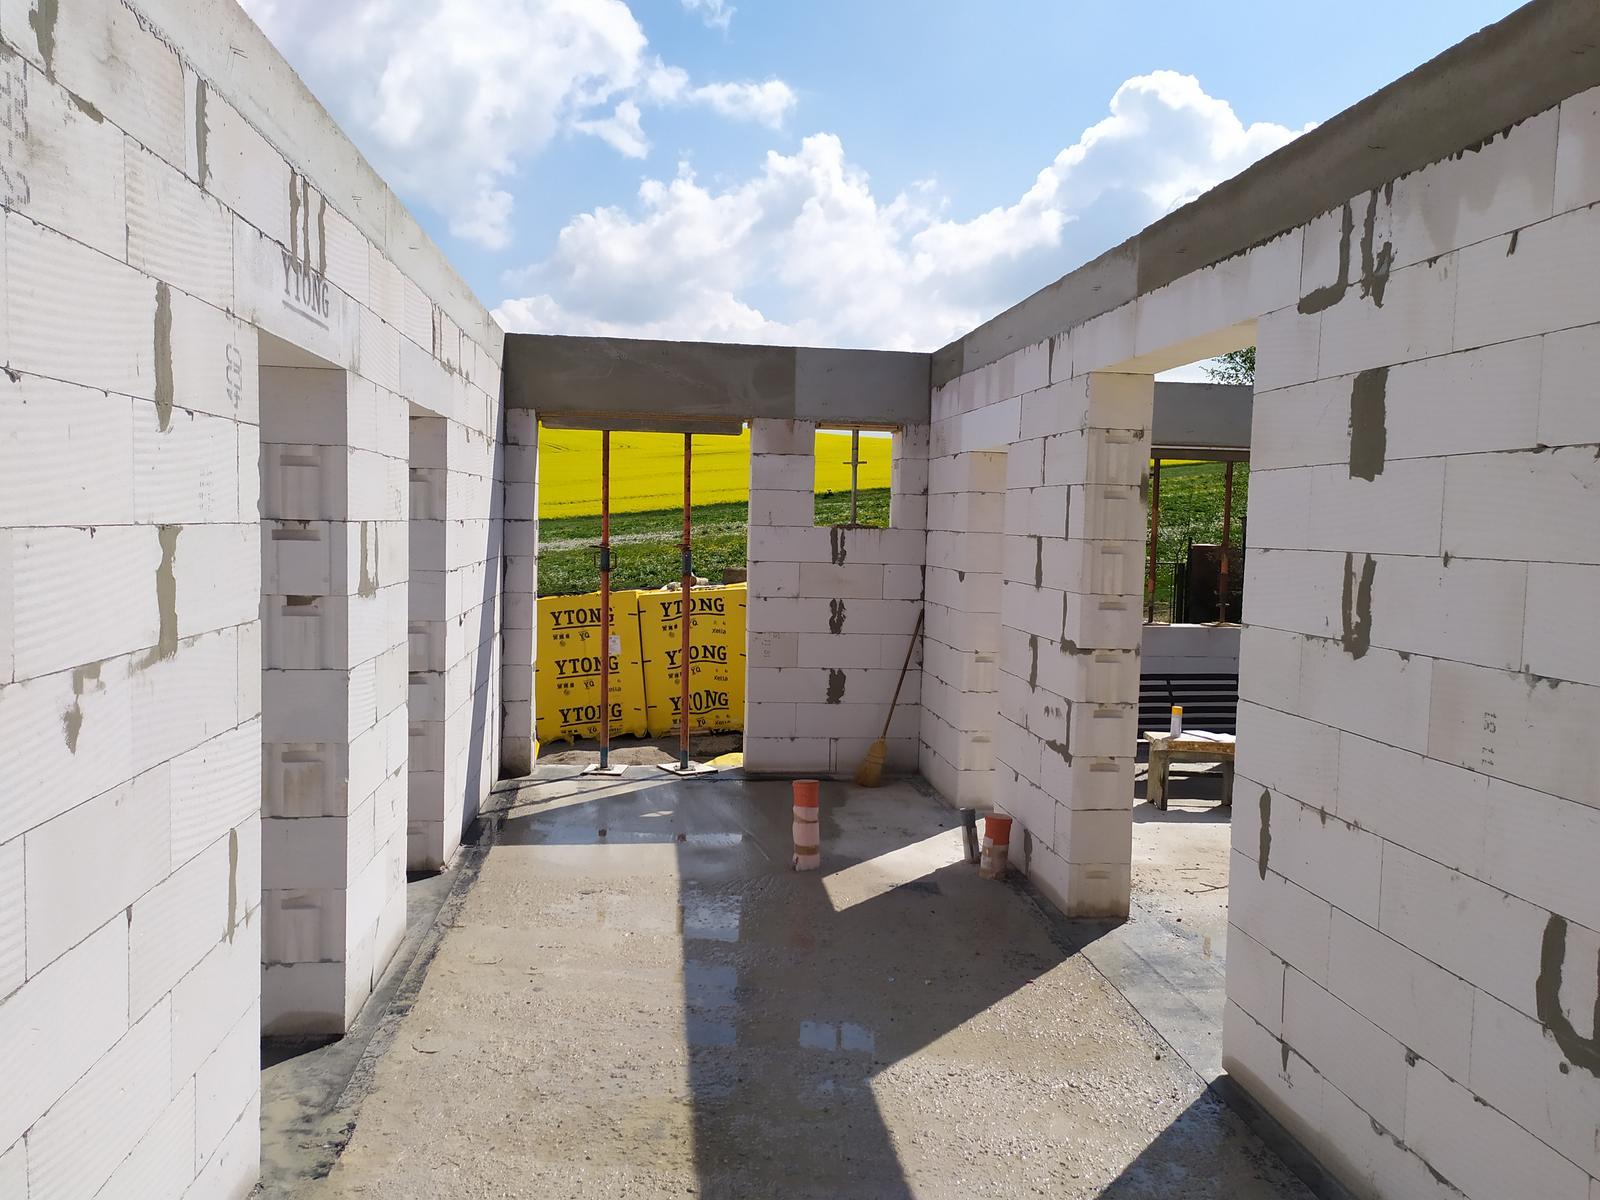 Stavba domu - Svojpomocne 🏠 - Obrázok č. 79